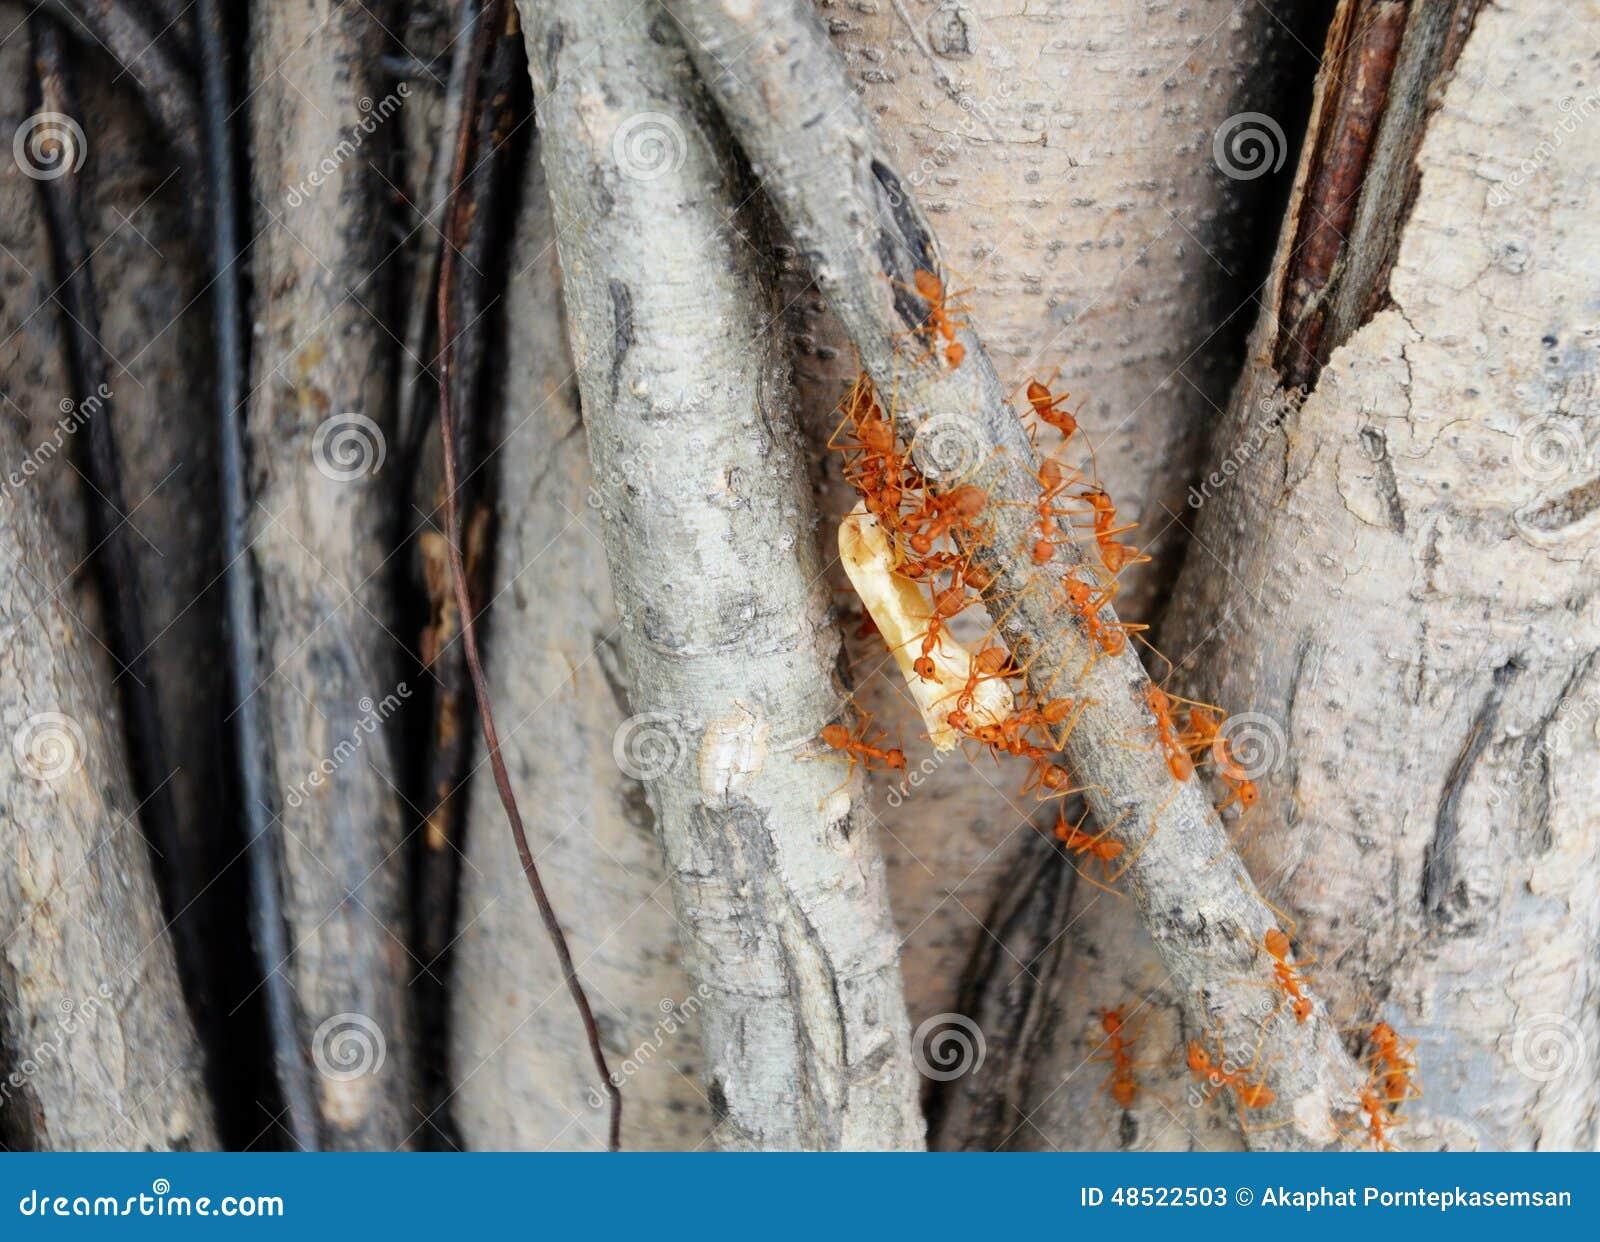 握蚂蚁自然的照片对巢动物鲸鱼-图片:48522503库存传奇最大白骨头图片